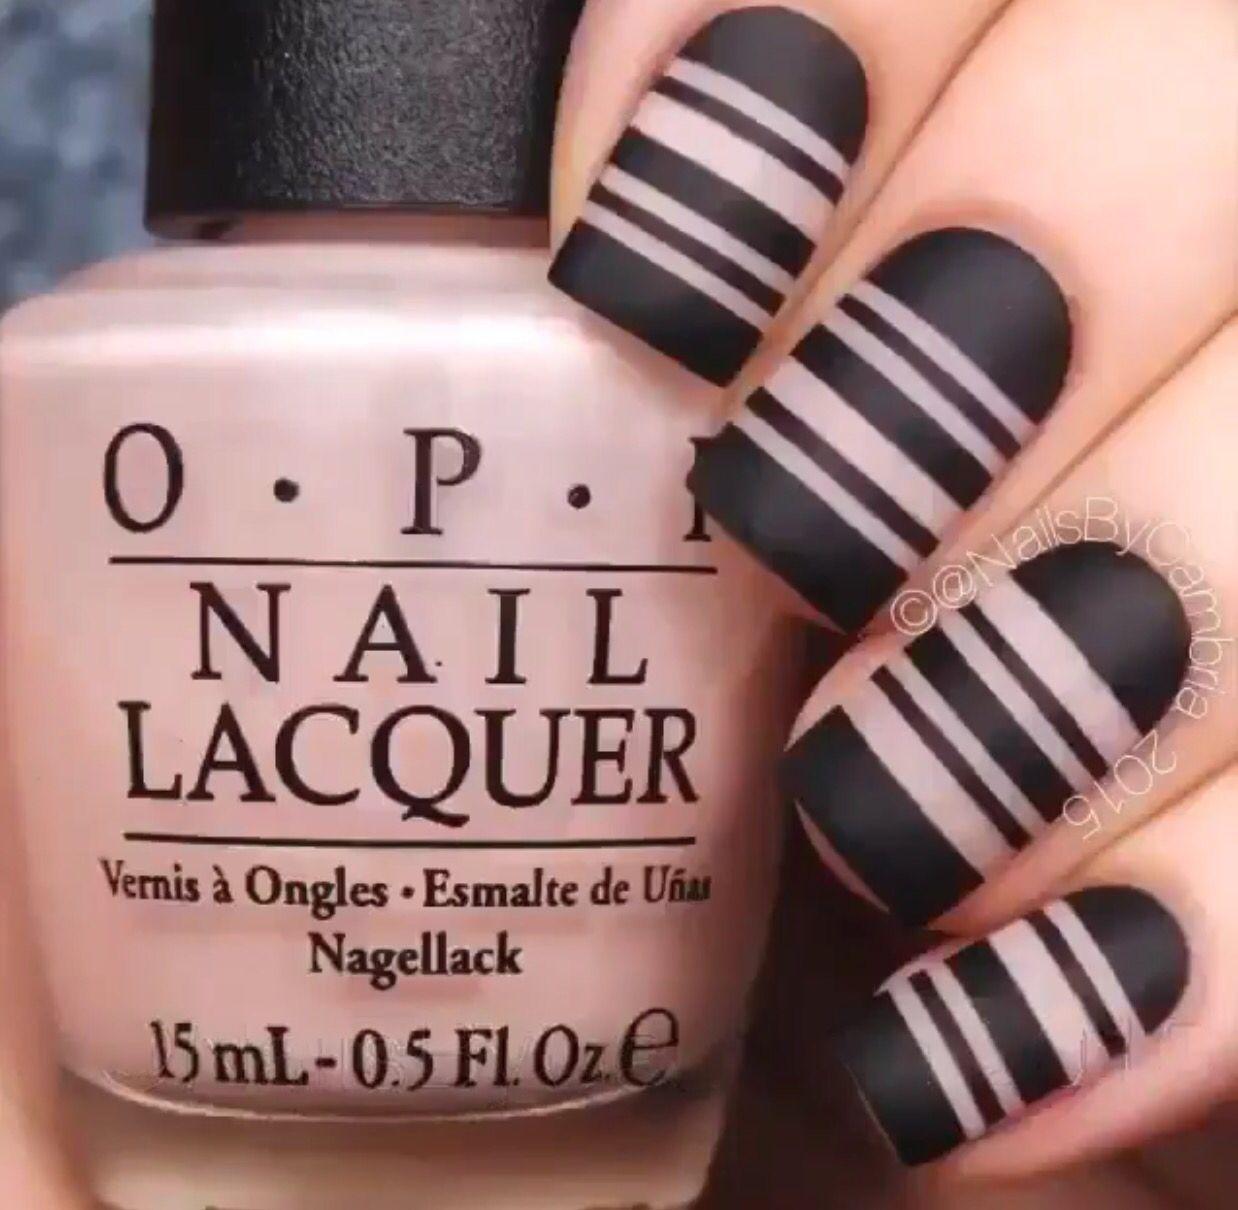 Faszinierend Nägel Selber Machen Mit Nagellack Galerie Von Beauty Nails - Nageldesign Zum Selbermachen #nagellack